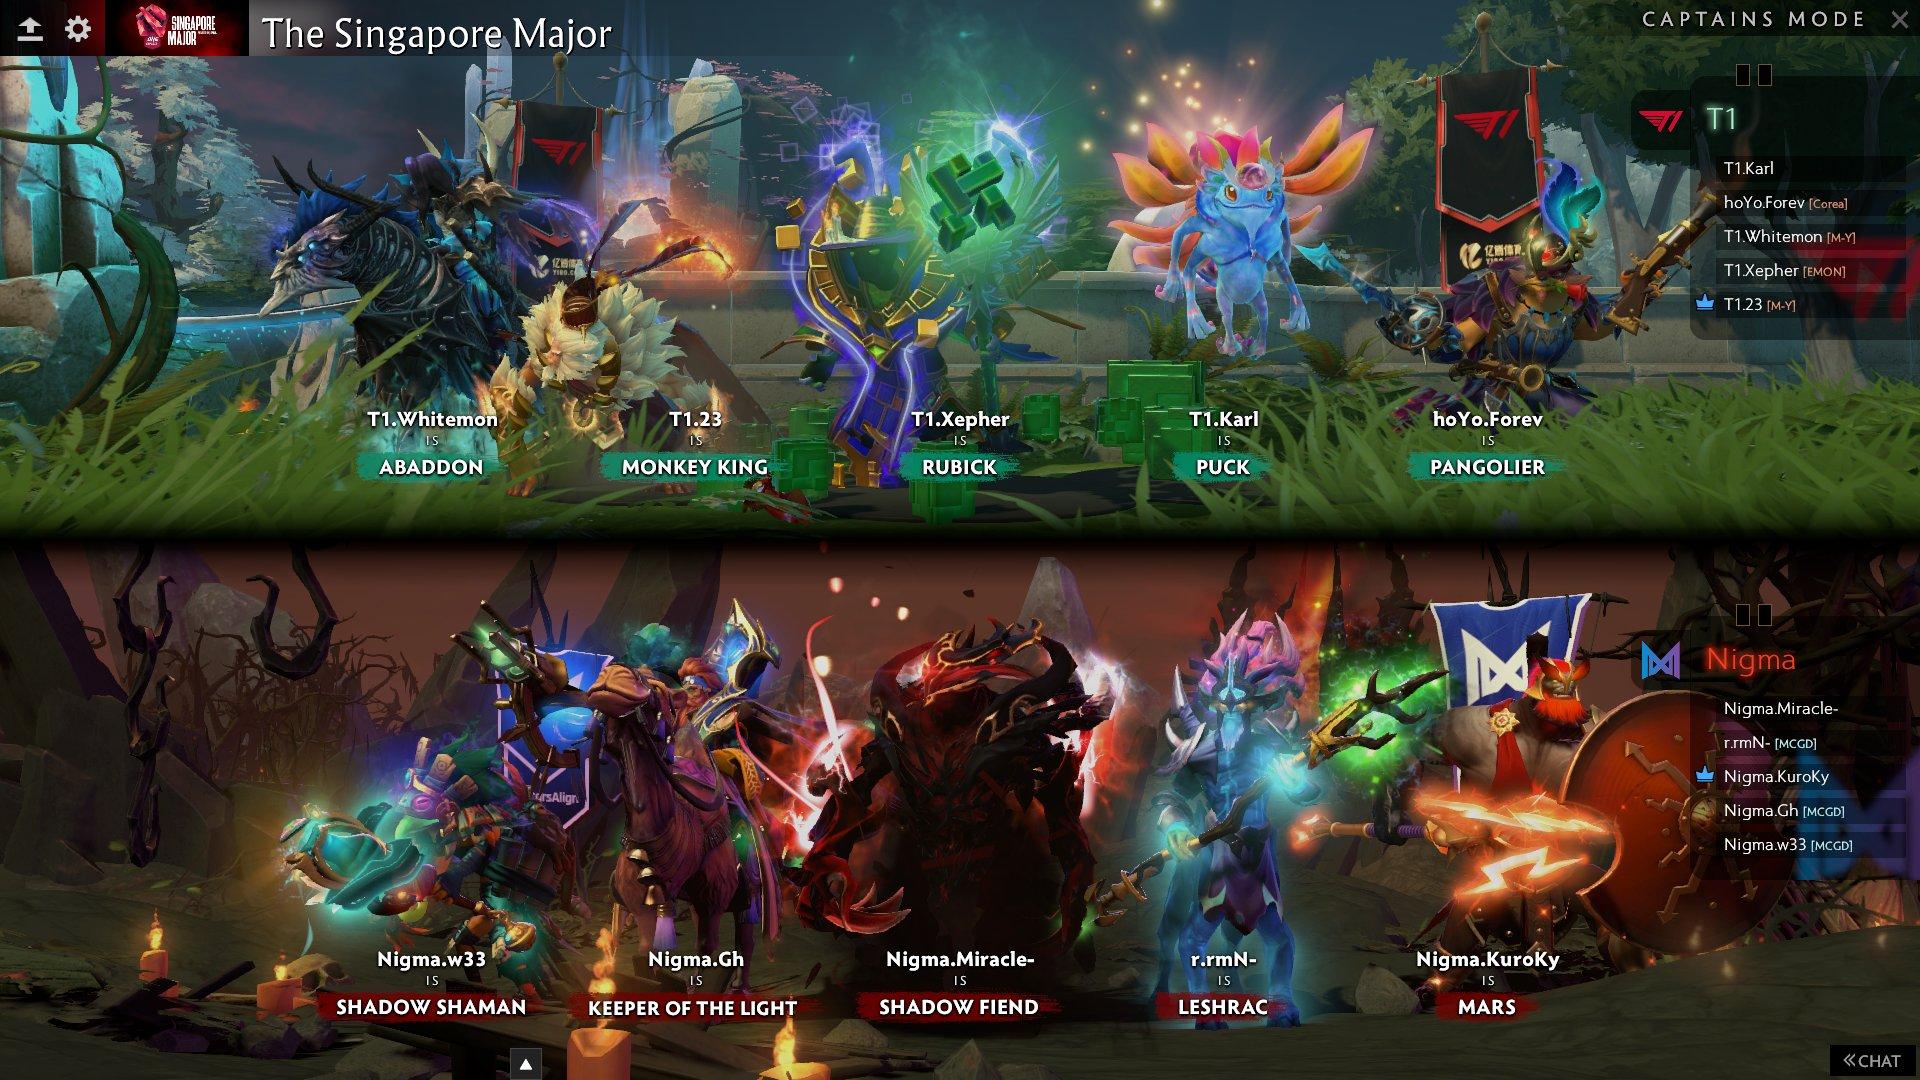 api cdn.gametv.vn 44207aac1a3828293f21299a4aae2ecc - Kuroky - Player duy nhất hoàn thành All Hero Challenge khi thi đấu chuyên nghiệp